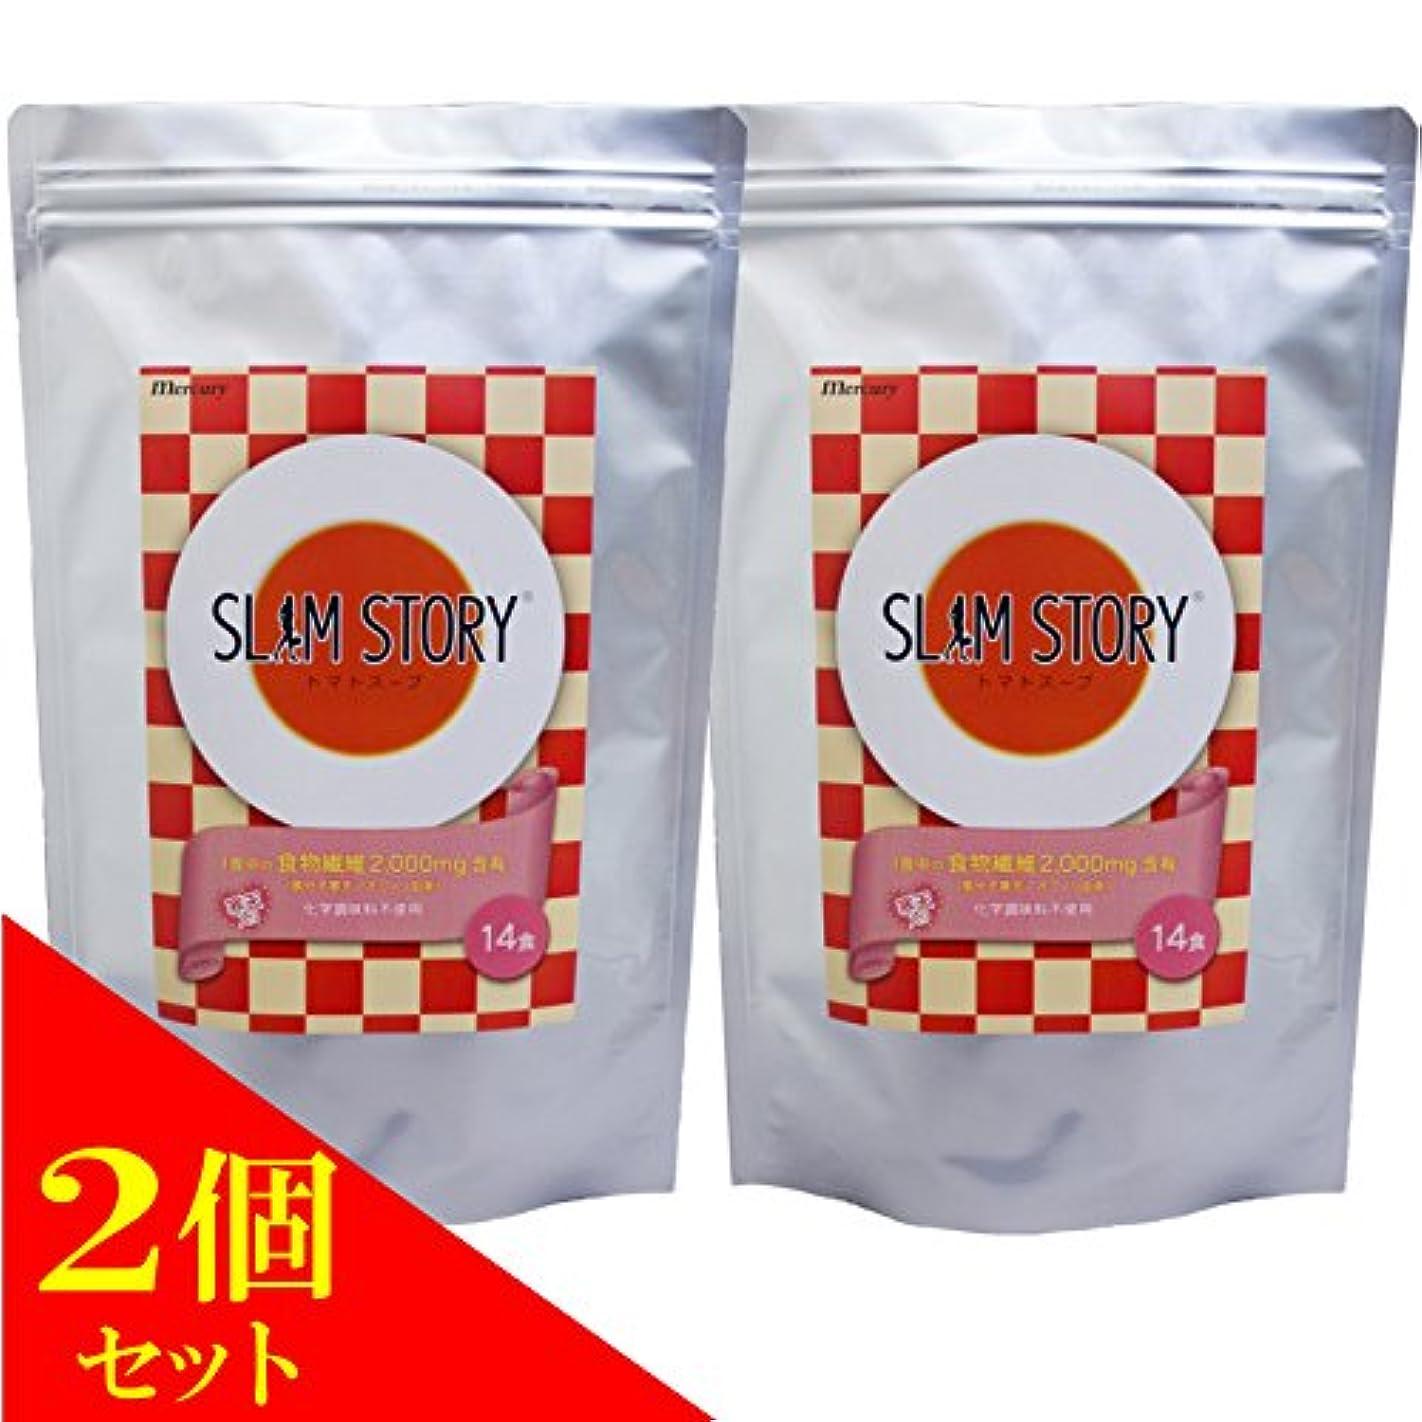 ボランティアホールドオール手数料(2個) マーキュリー SLIM STORY トマトスープ 14食×2袋セット/化学調味料 不使用(4947041155022)